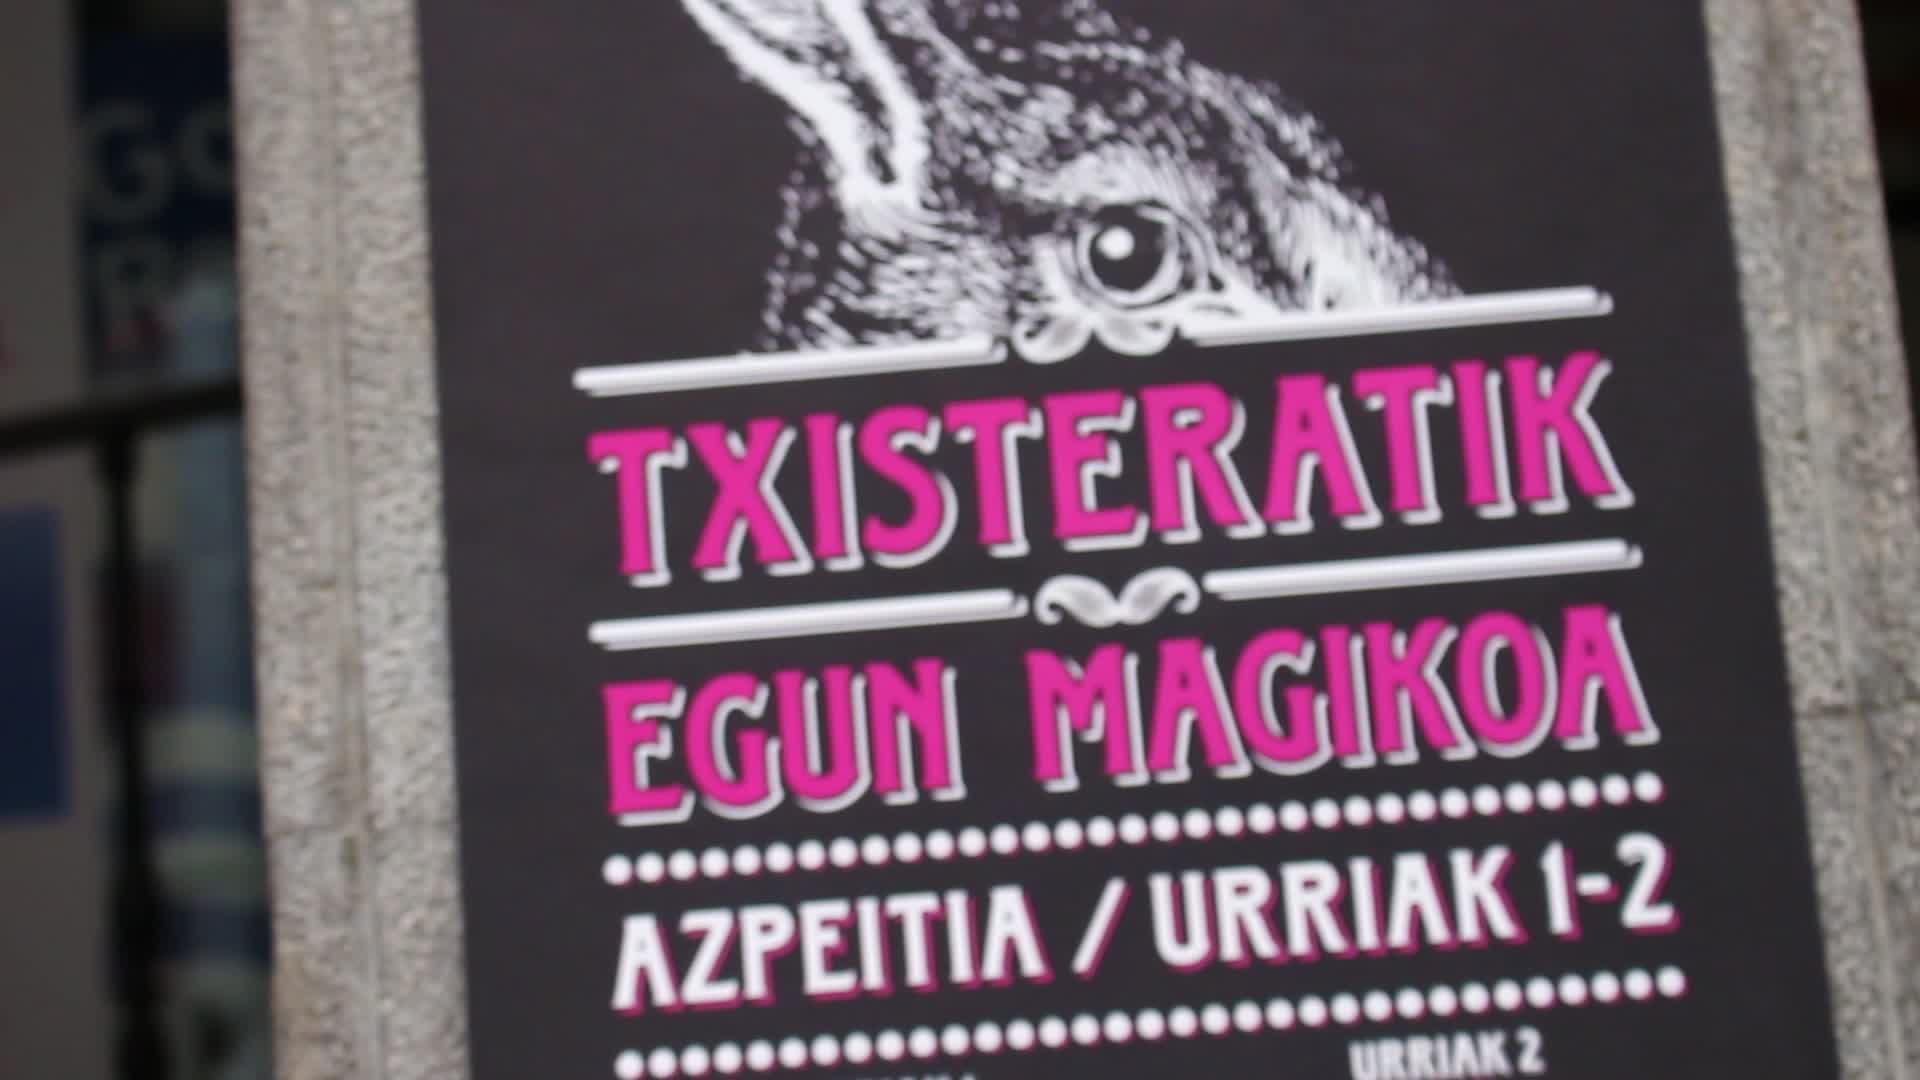 Azpeitia magiaz beteko du asteburuan  V. Txisteratik Egun Magikoak